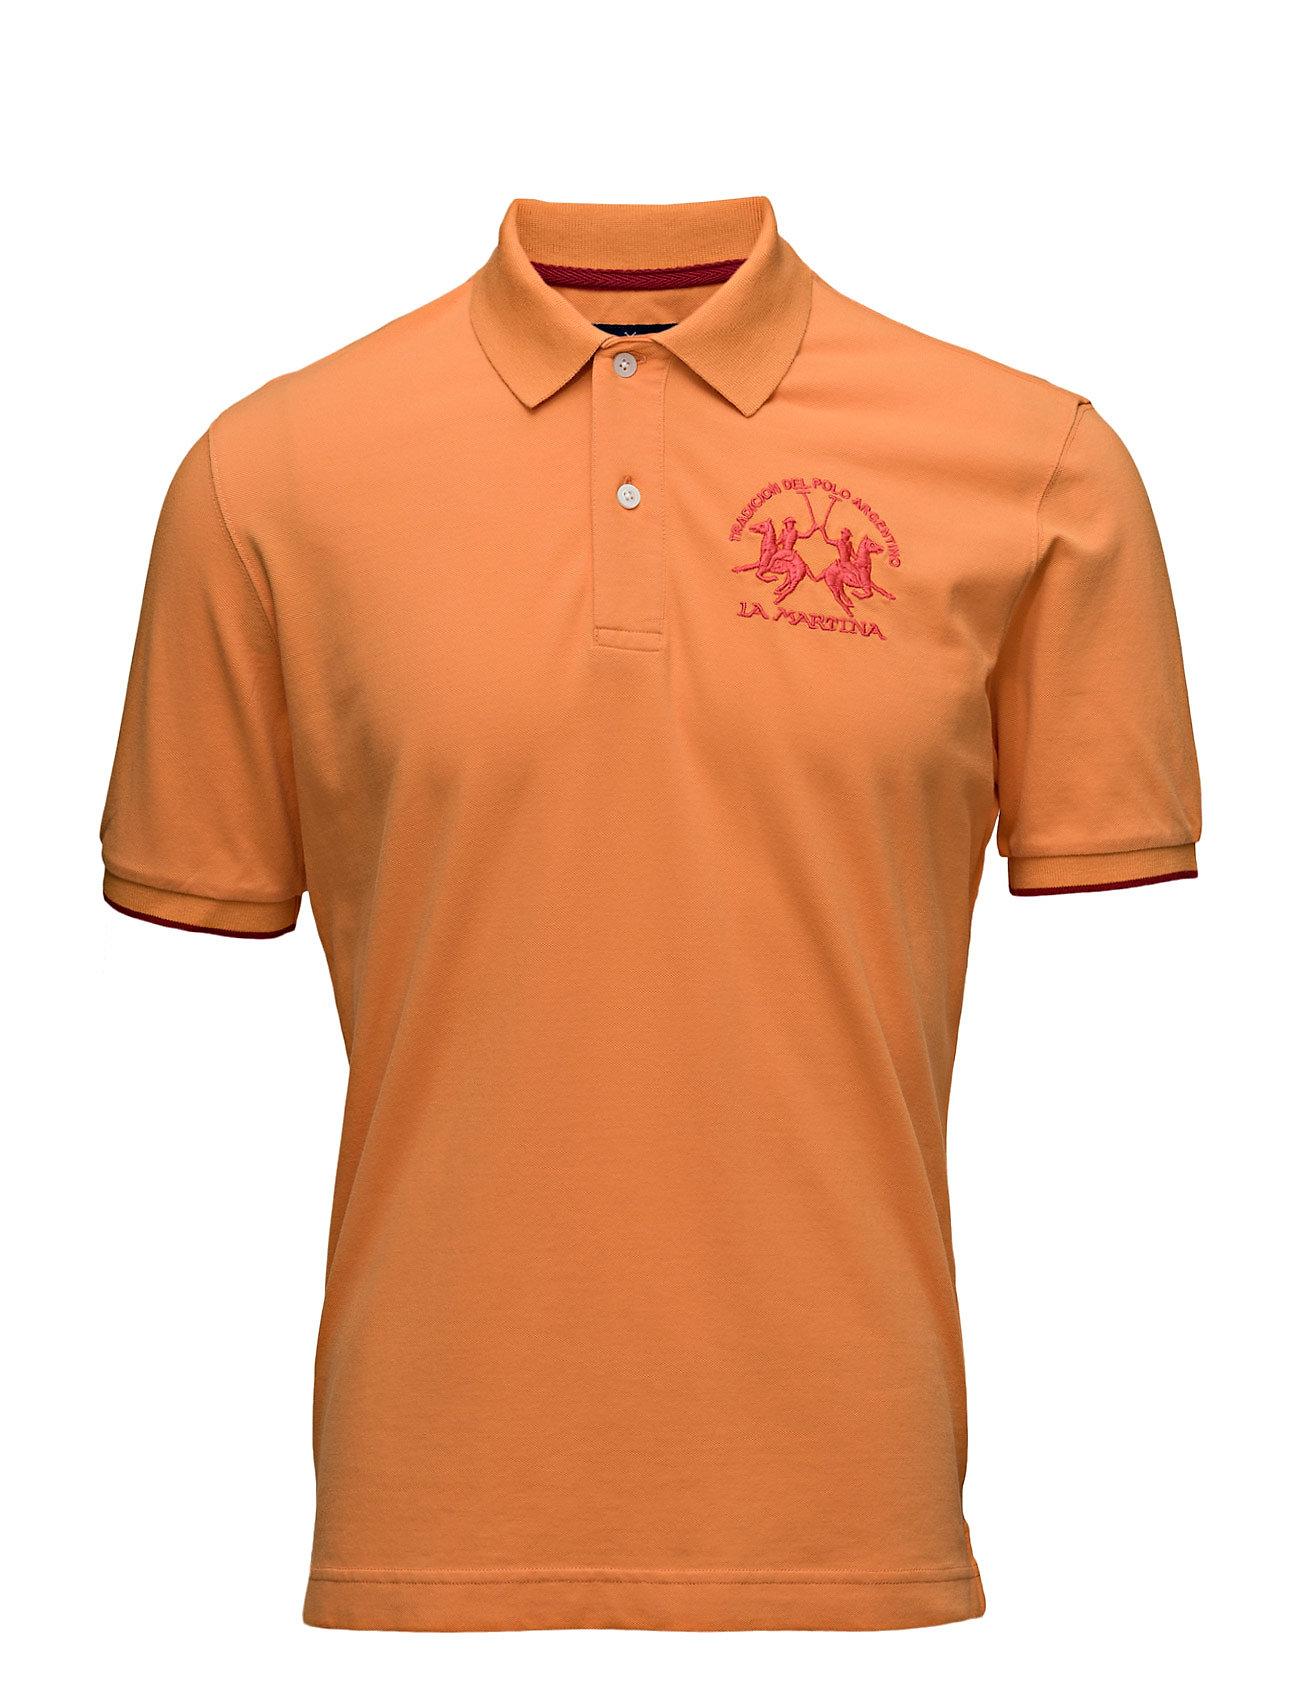 La Martina-Polos La Martina Kortærmede polo t-shirts til Herrer i